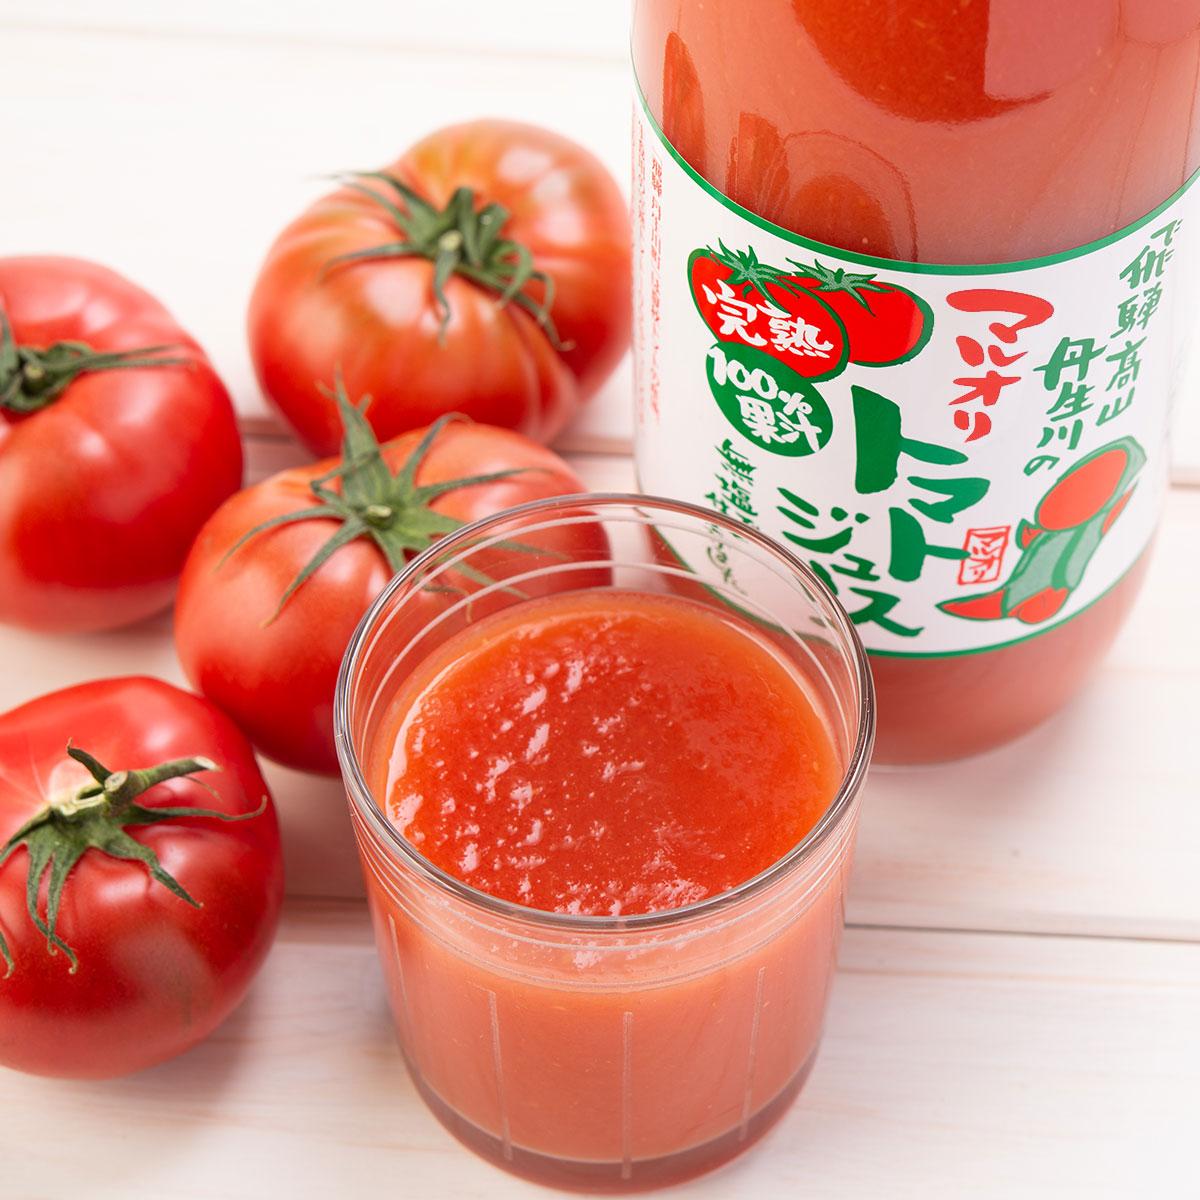 無添加 無塩 完熟100%果汁 マルオリトマトジュース 1L4本セット〔1000ml×4〕